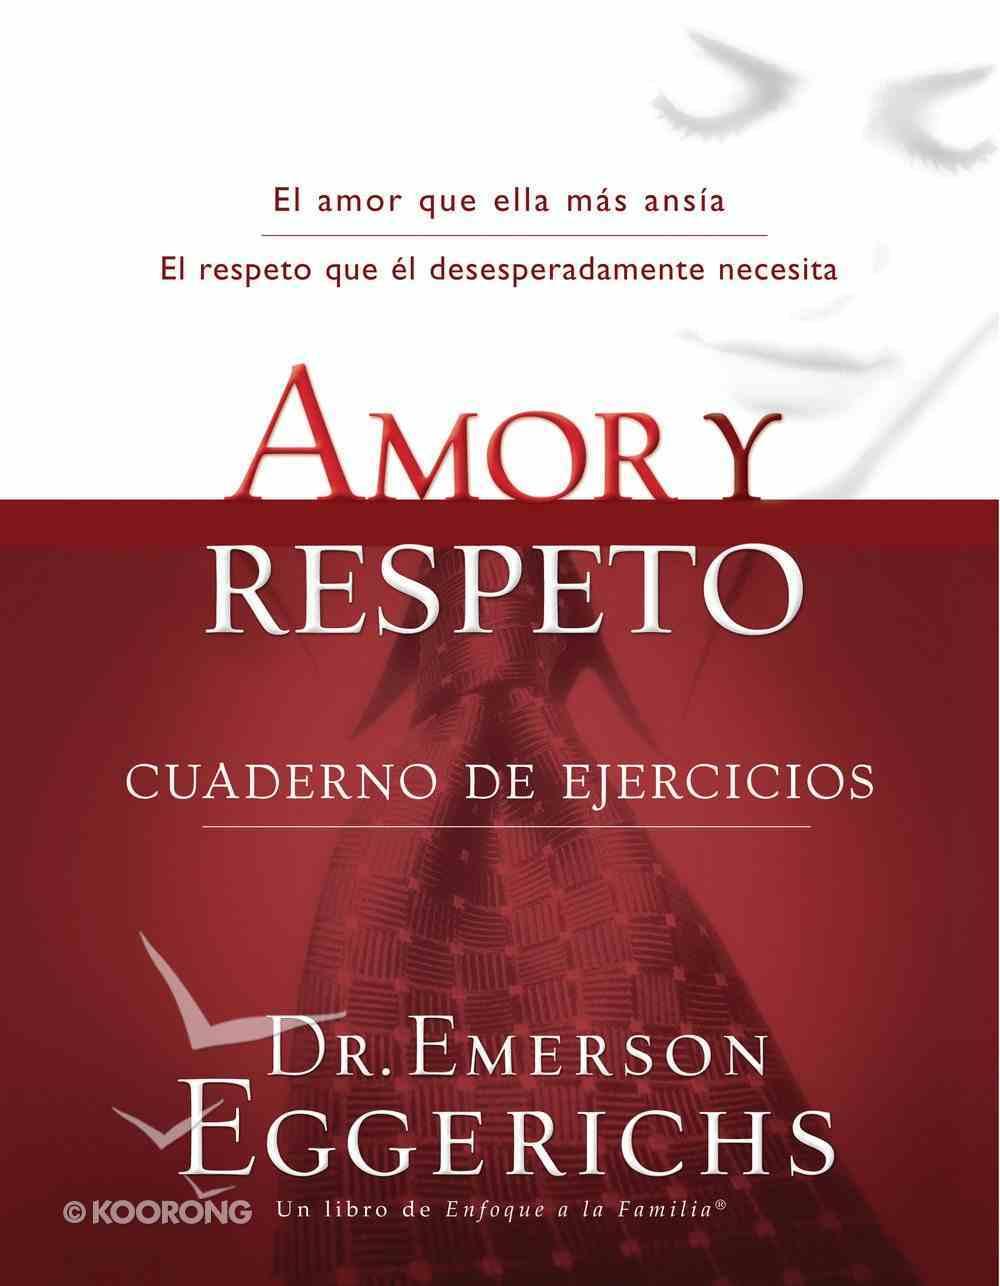 Amor Y Respeto Cuaderno De Ejercicios (Spa) (Love And Respect Workbook) eBook